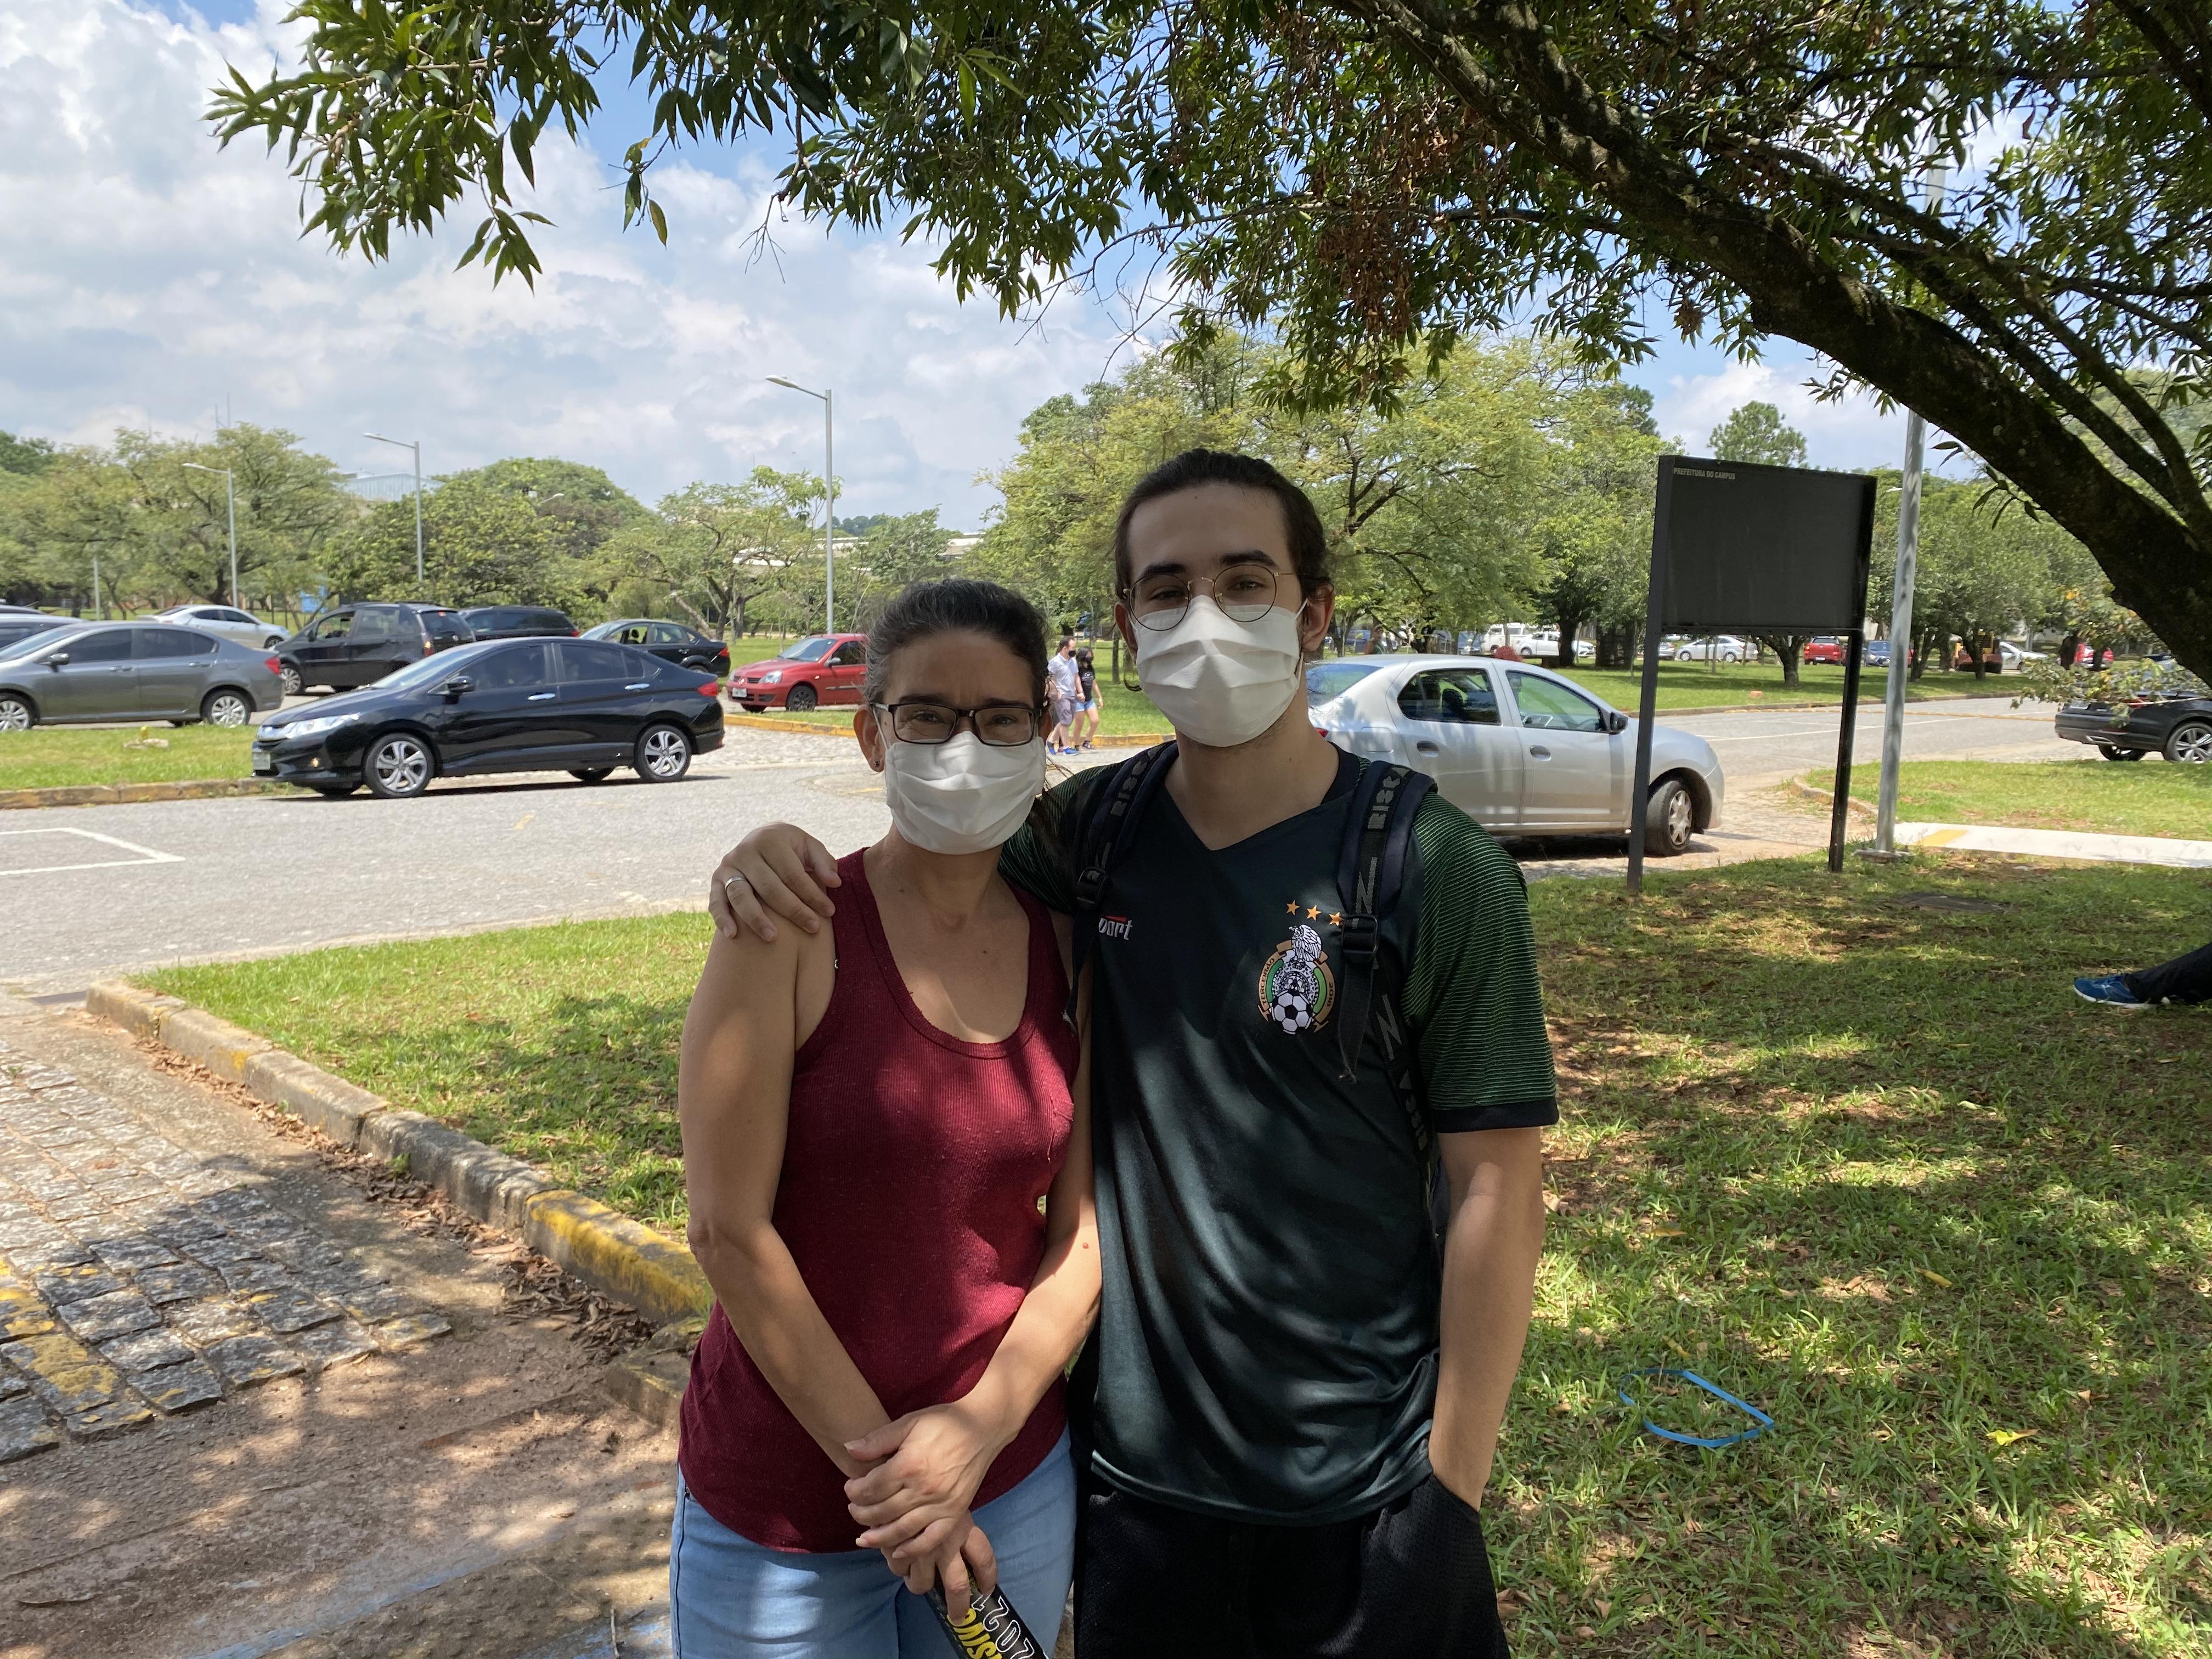 Mãe e filho se abraçam na sombra, ambos de máscara.